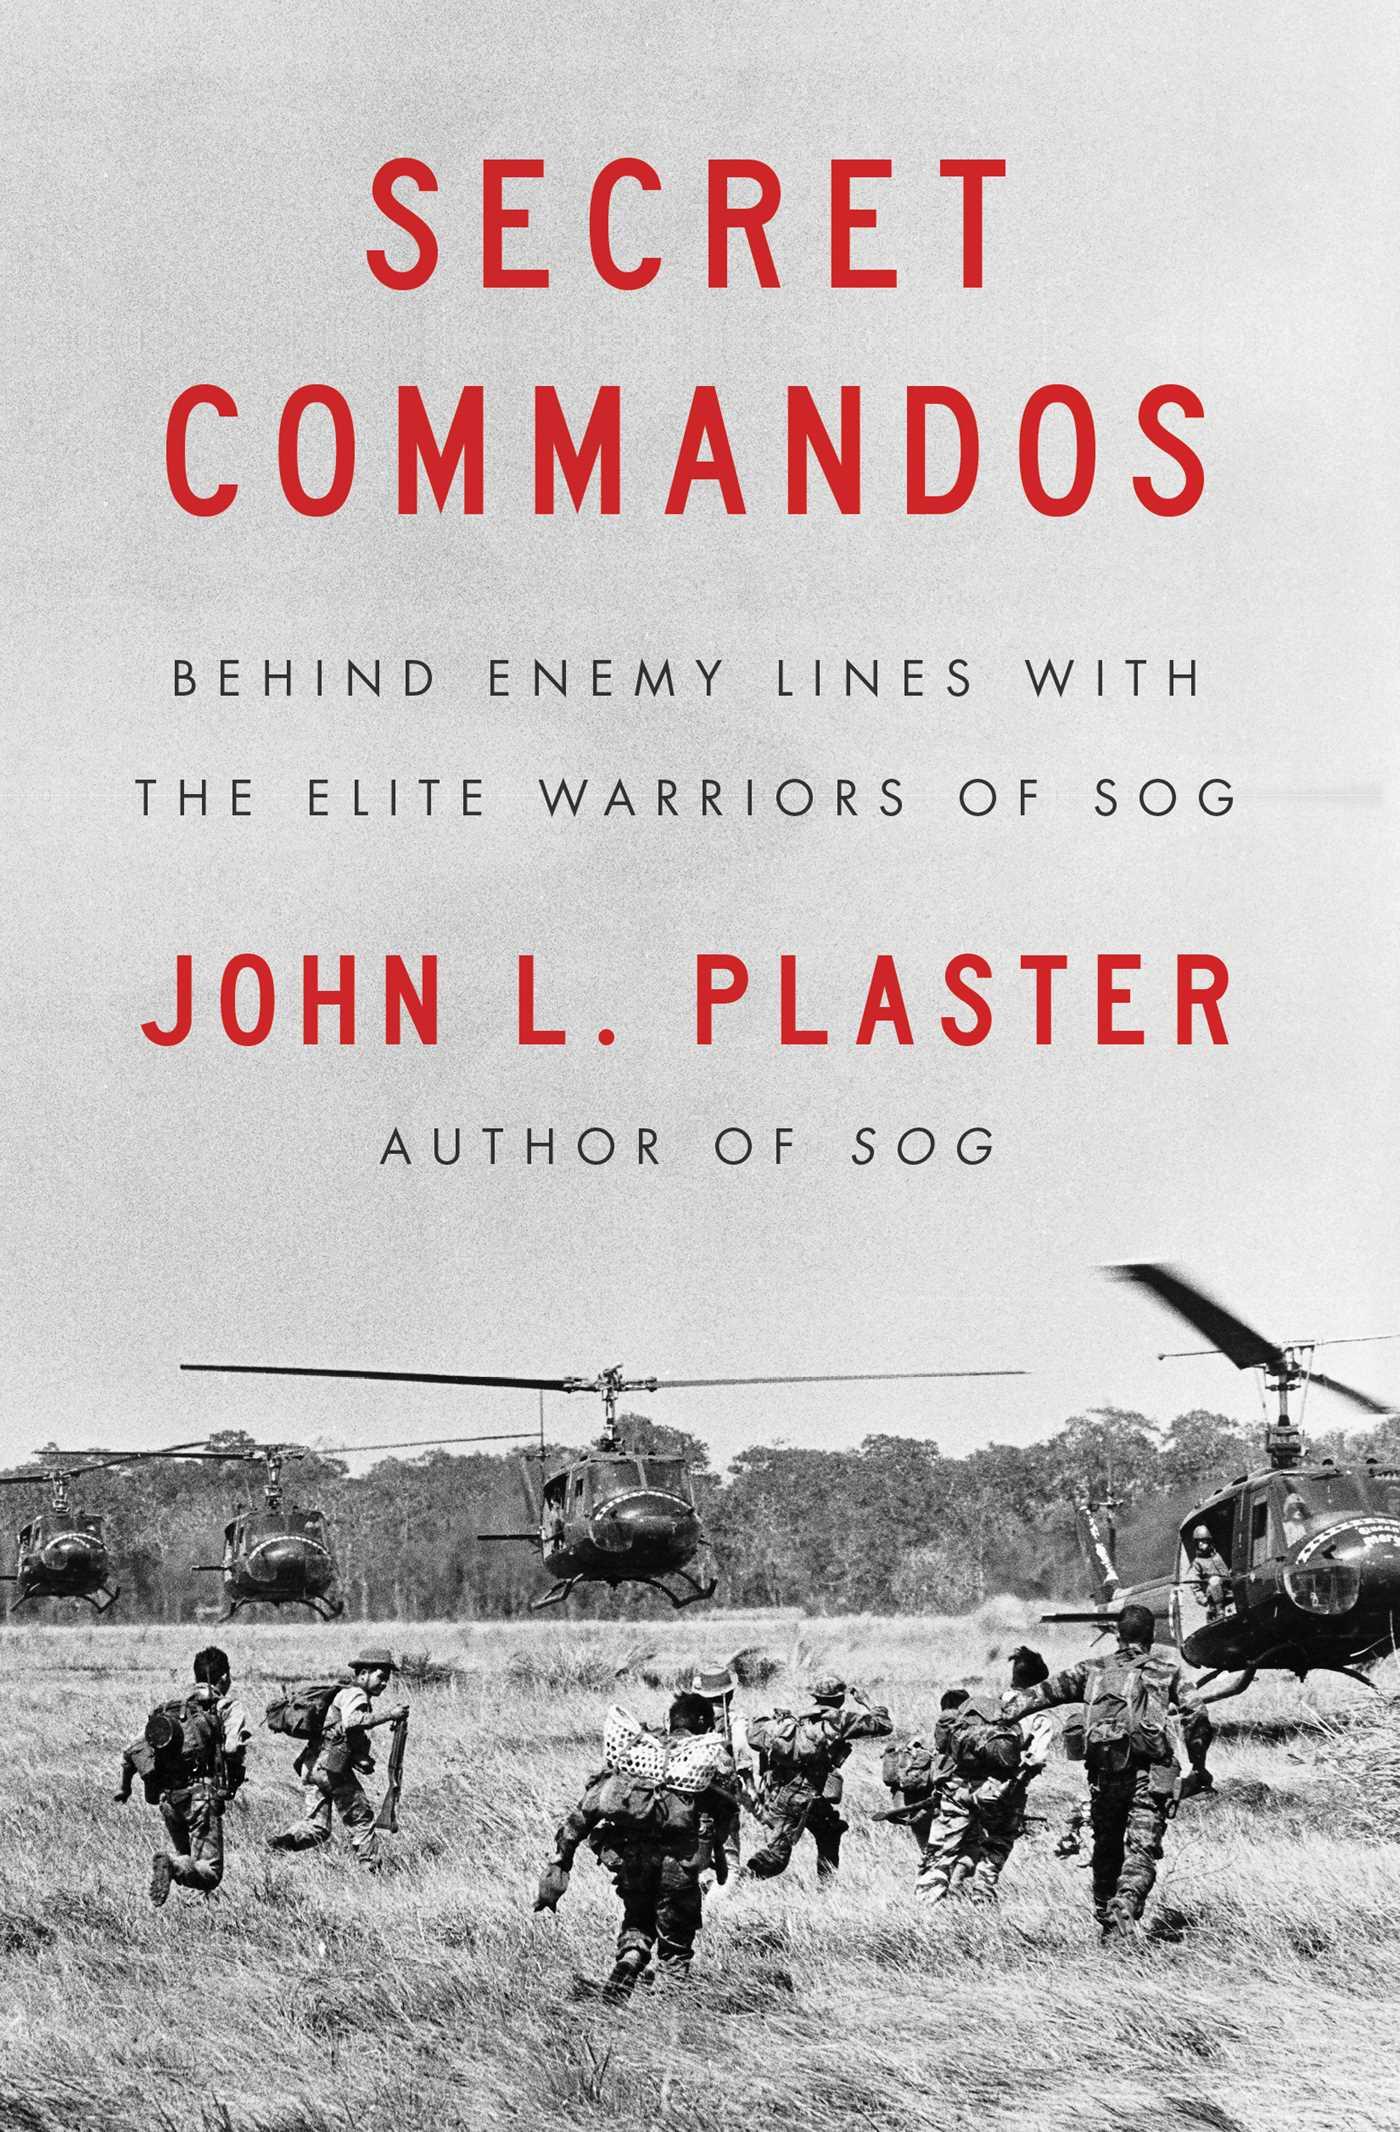 Secret commandos 9781501183454 hr